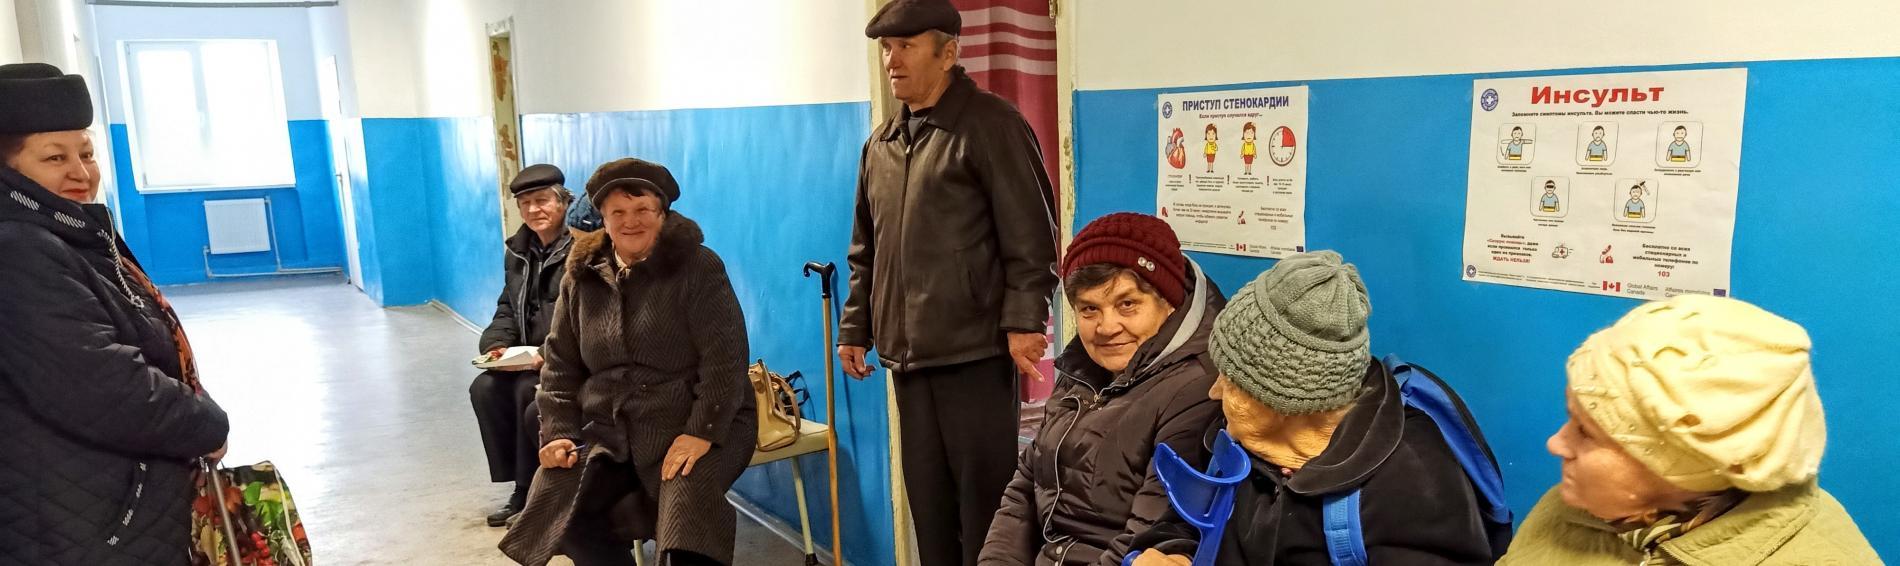 e Lebensumstände werden für die Menschen durch die anhaltenden militärischen Auseinandersetzungen immer schlechter. Foto: Gleb Garanich / Reuters